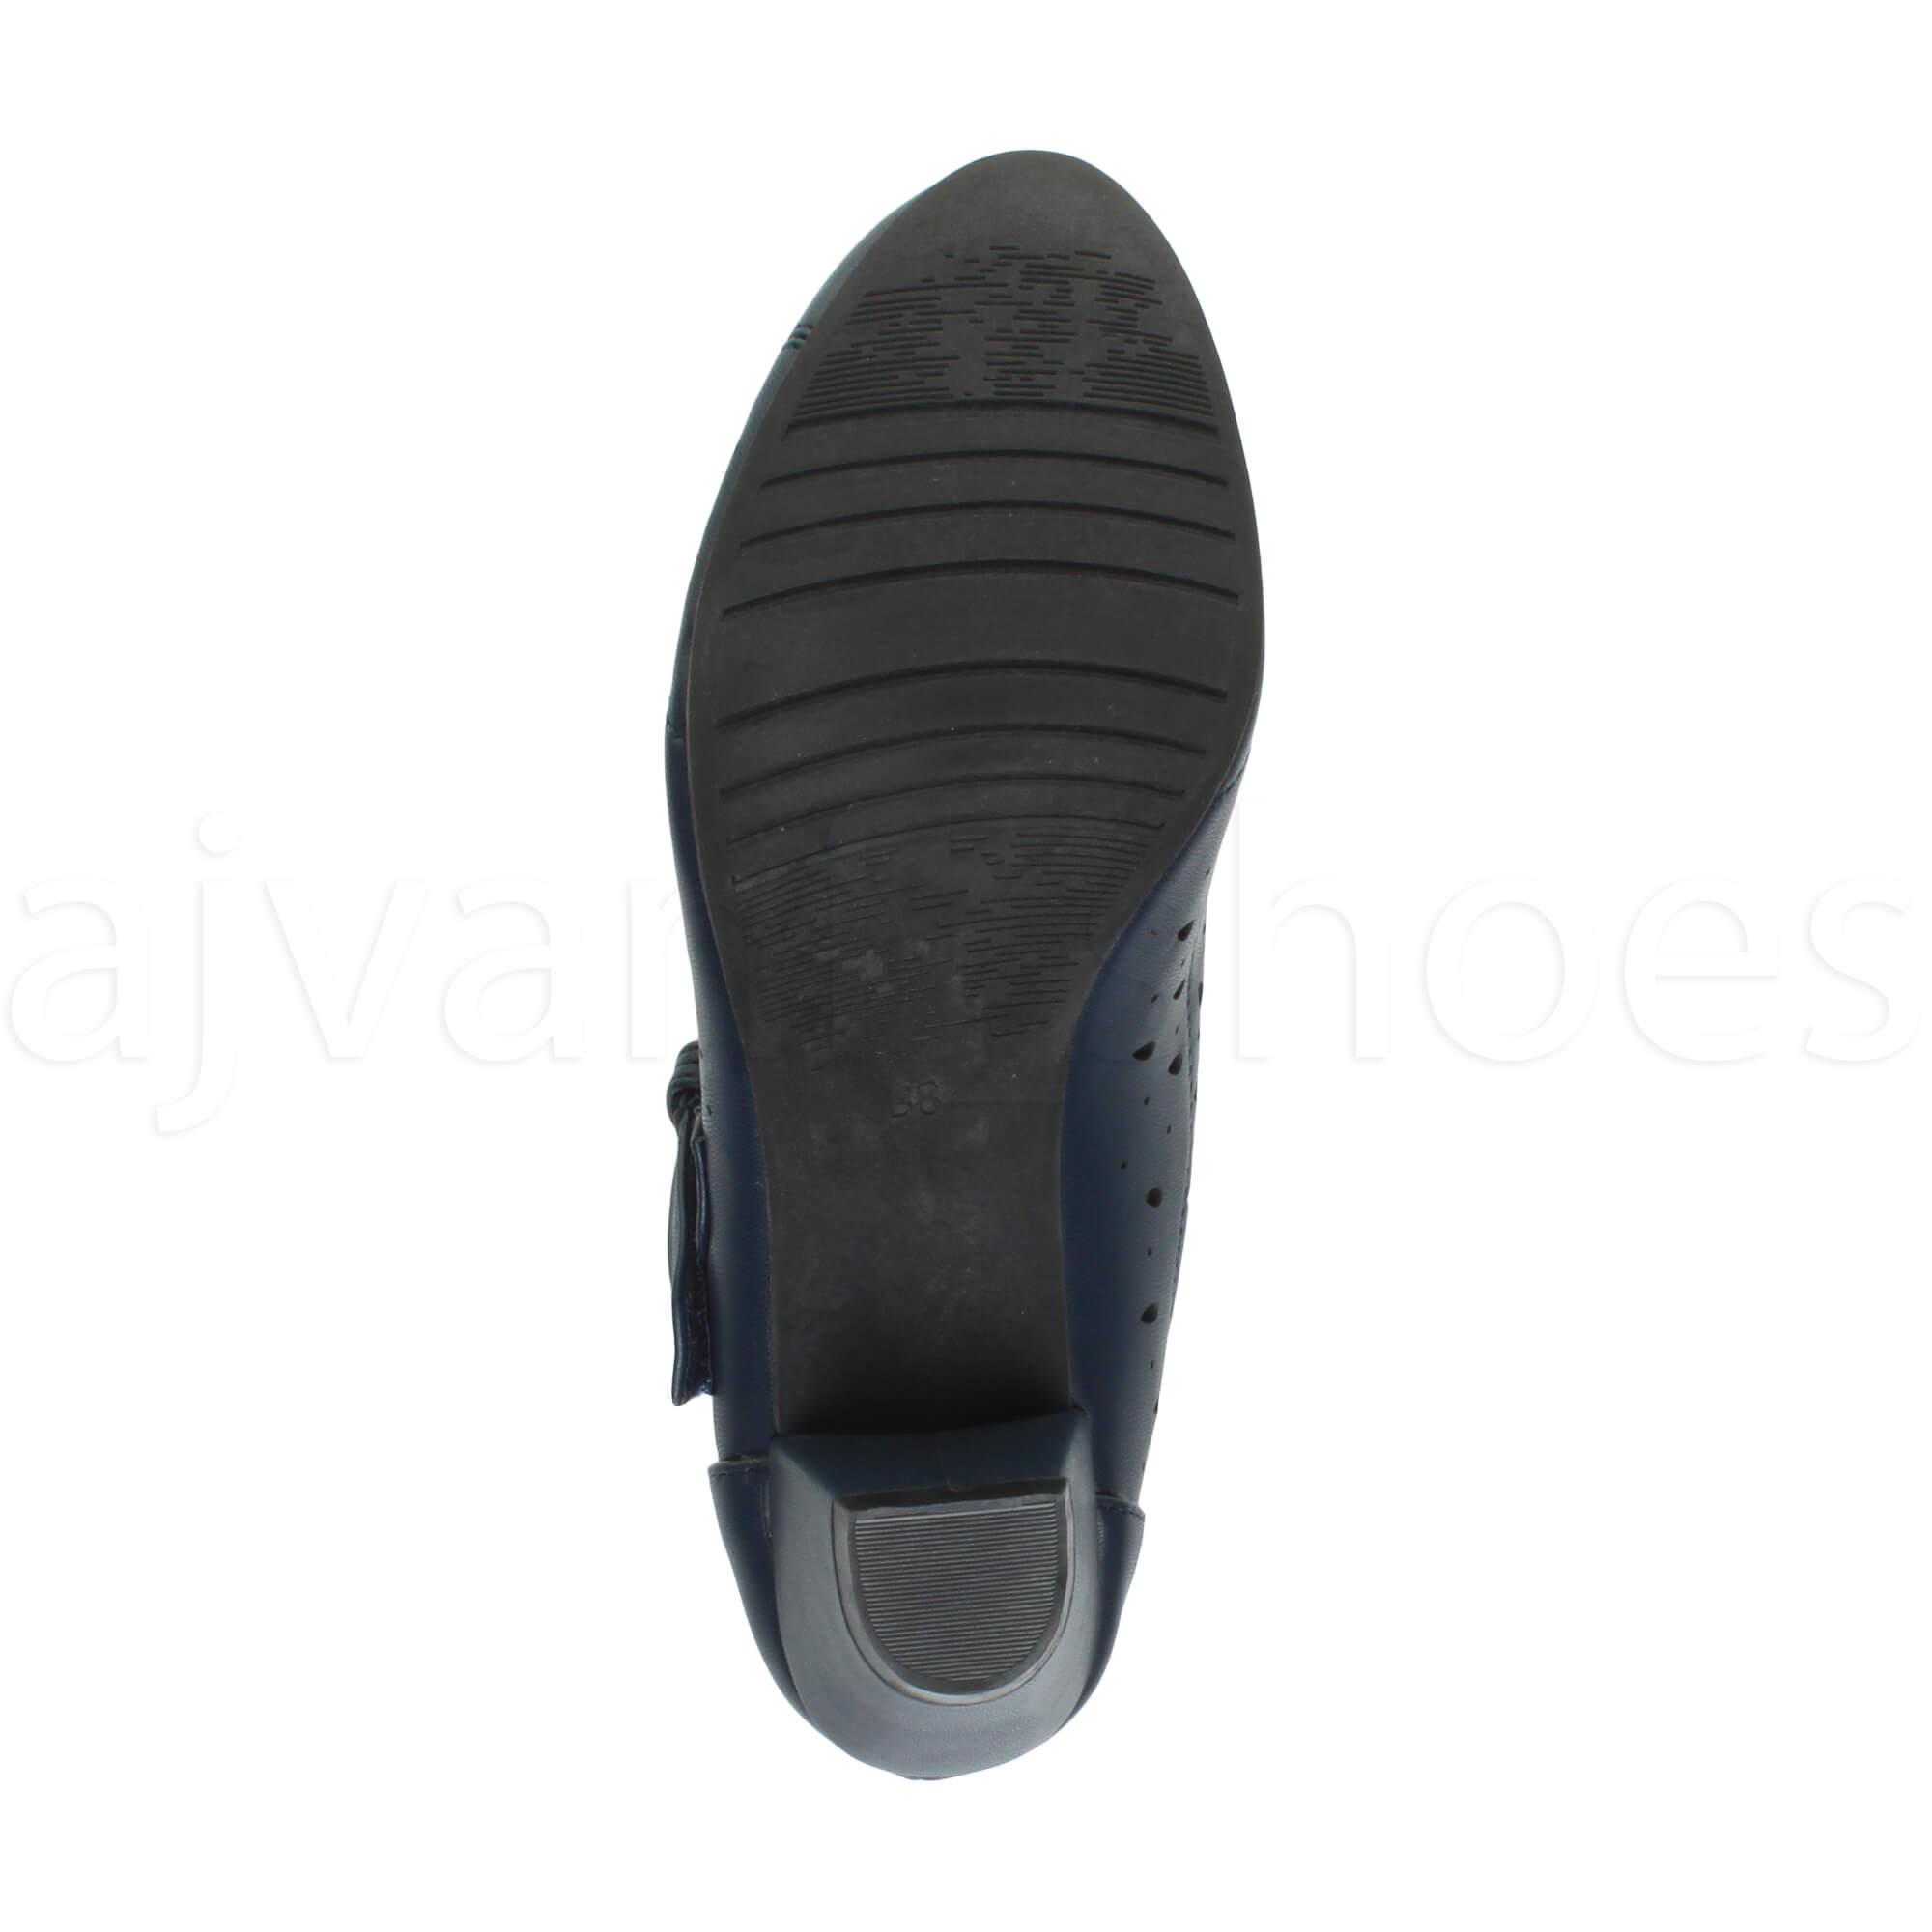 Da-Donna-con-Tacco-Medio-a-Blocco-Mary-Jane-Gancio-e-Passante-tagliato-CALATA-Plateau-Misura miniatura 22